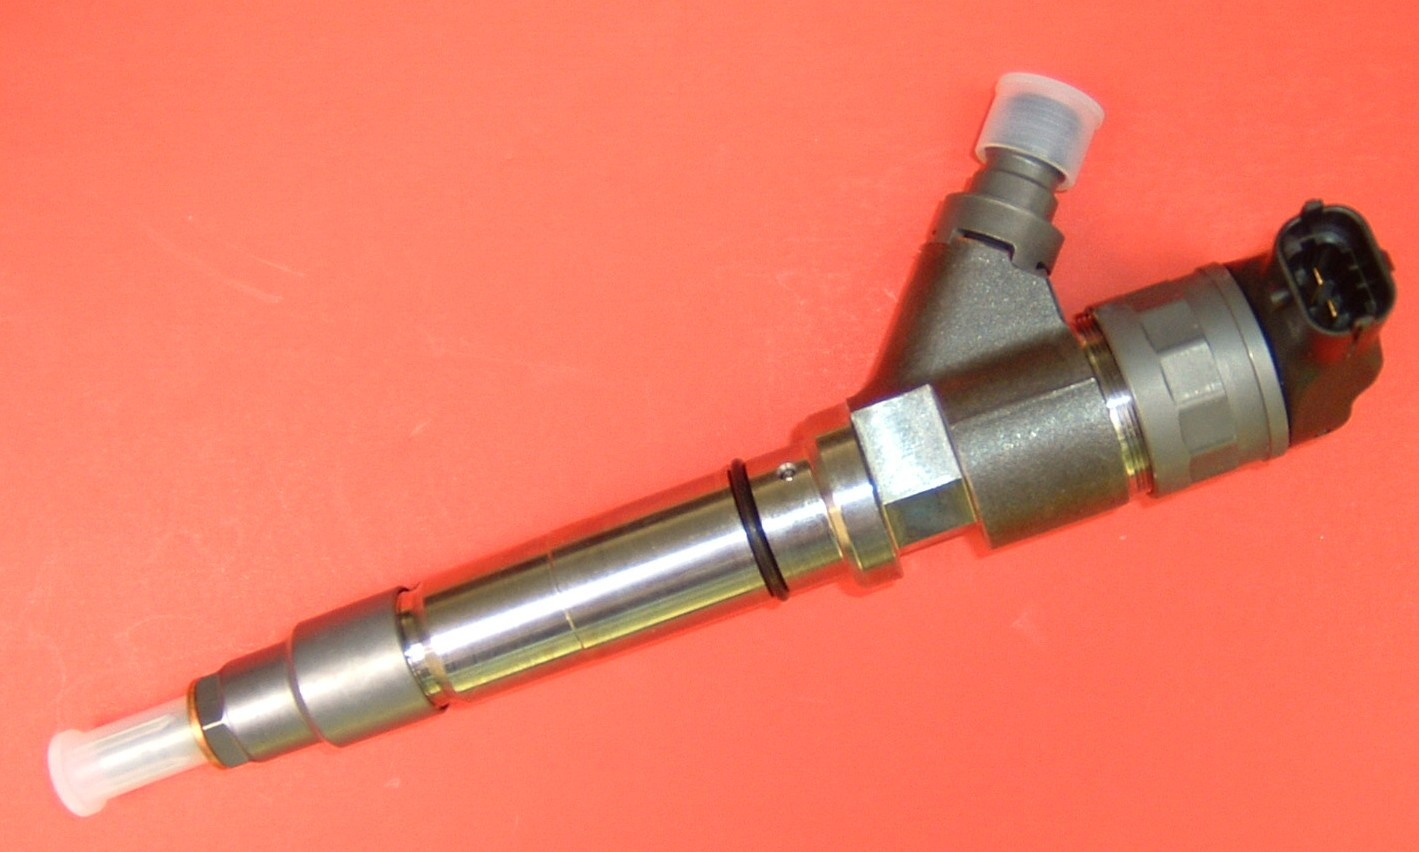 Lb7 Duramax Injectors >> Duramax 2004-2005 Injector 100 HP :: Injectors :: Scheid Diesel